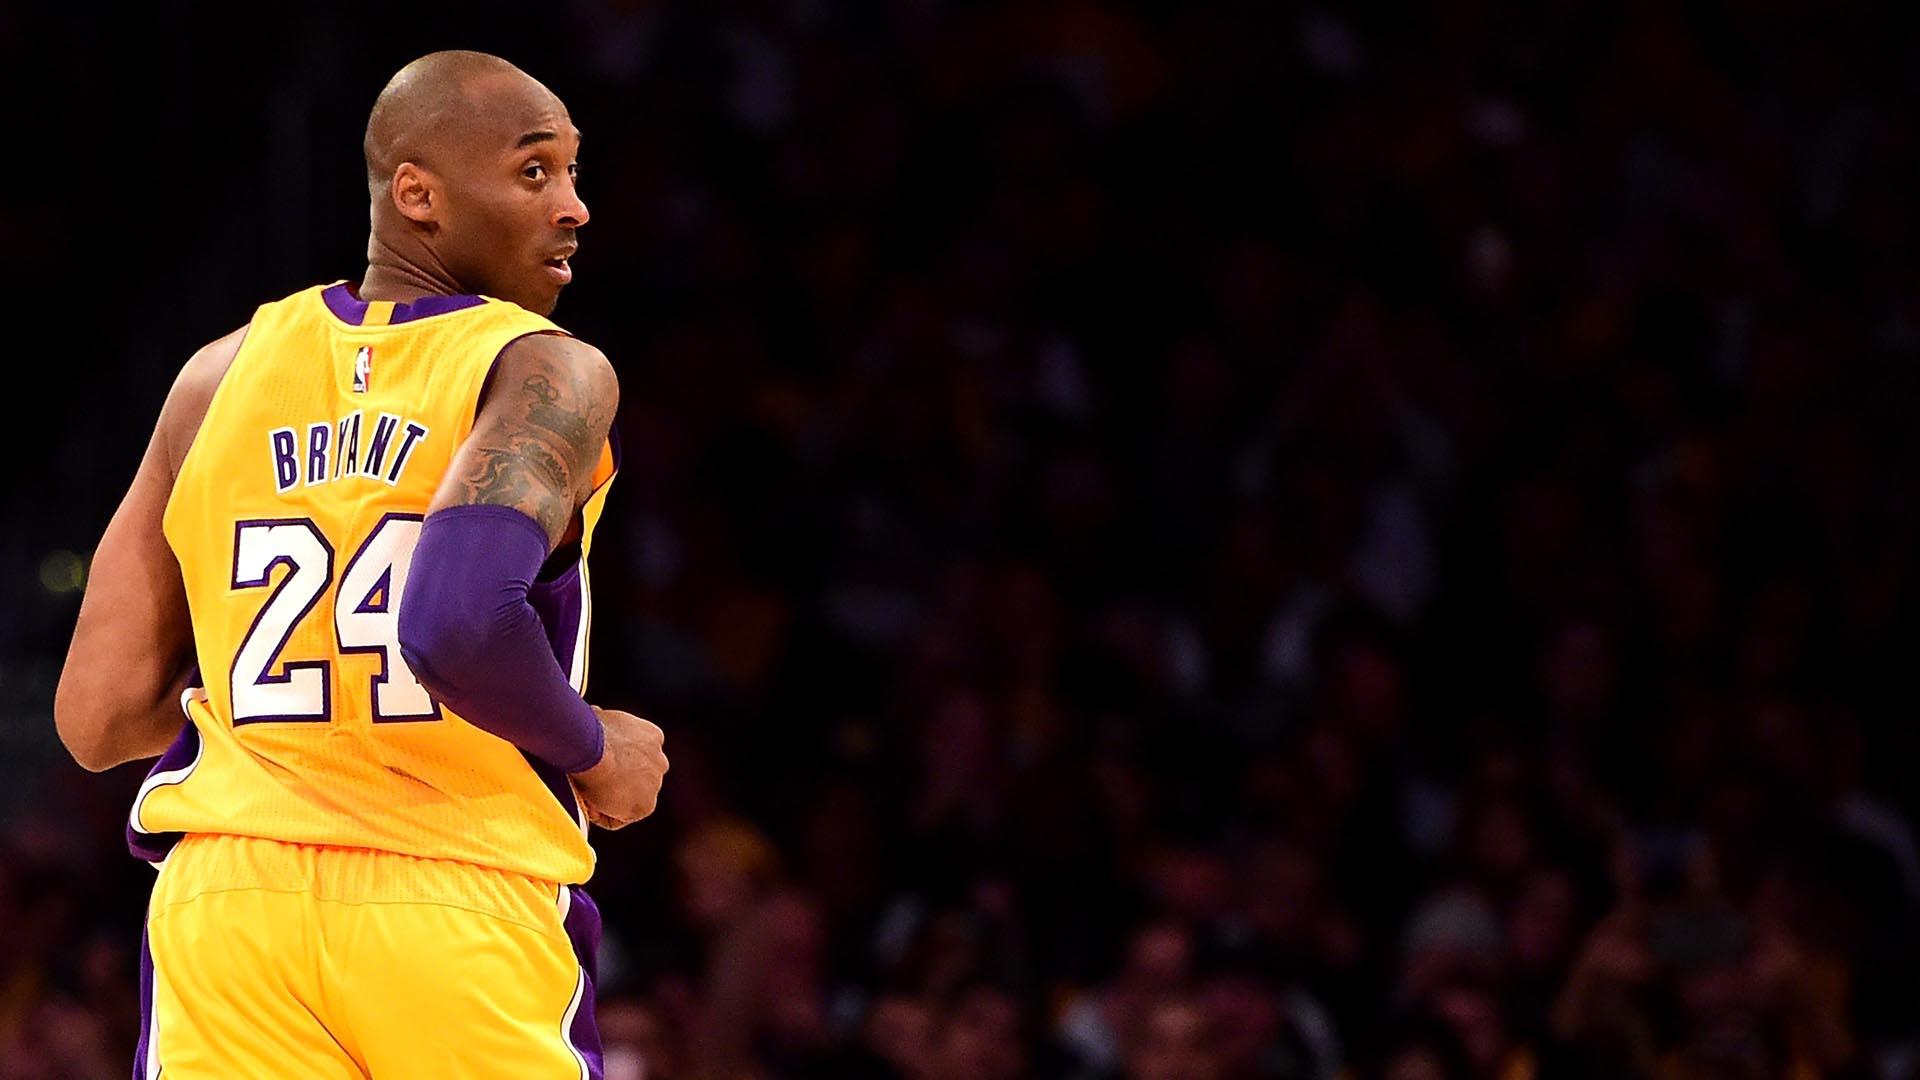 Látványos videót készítettek Kobe Bryant halálának első évfordulójára